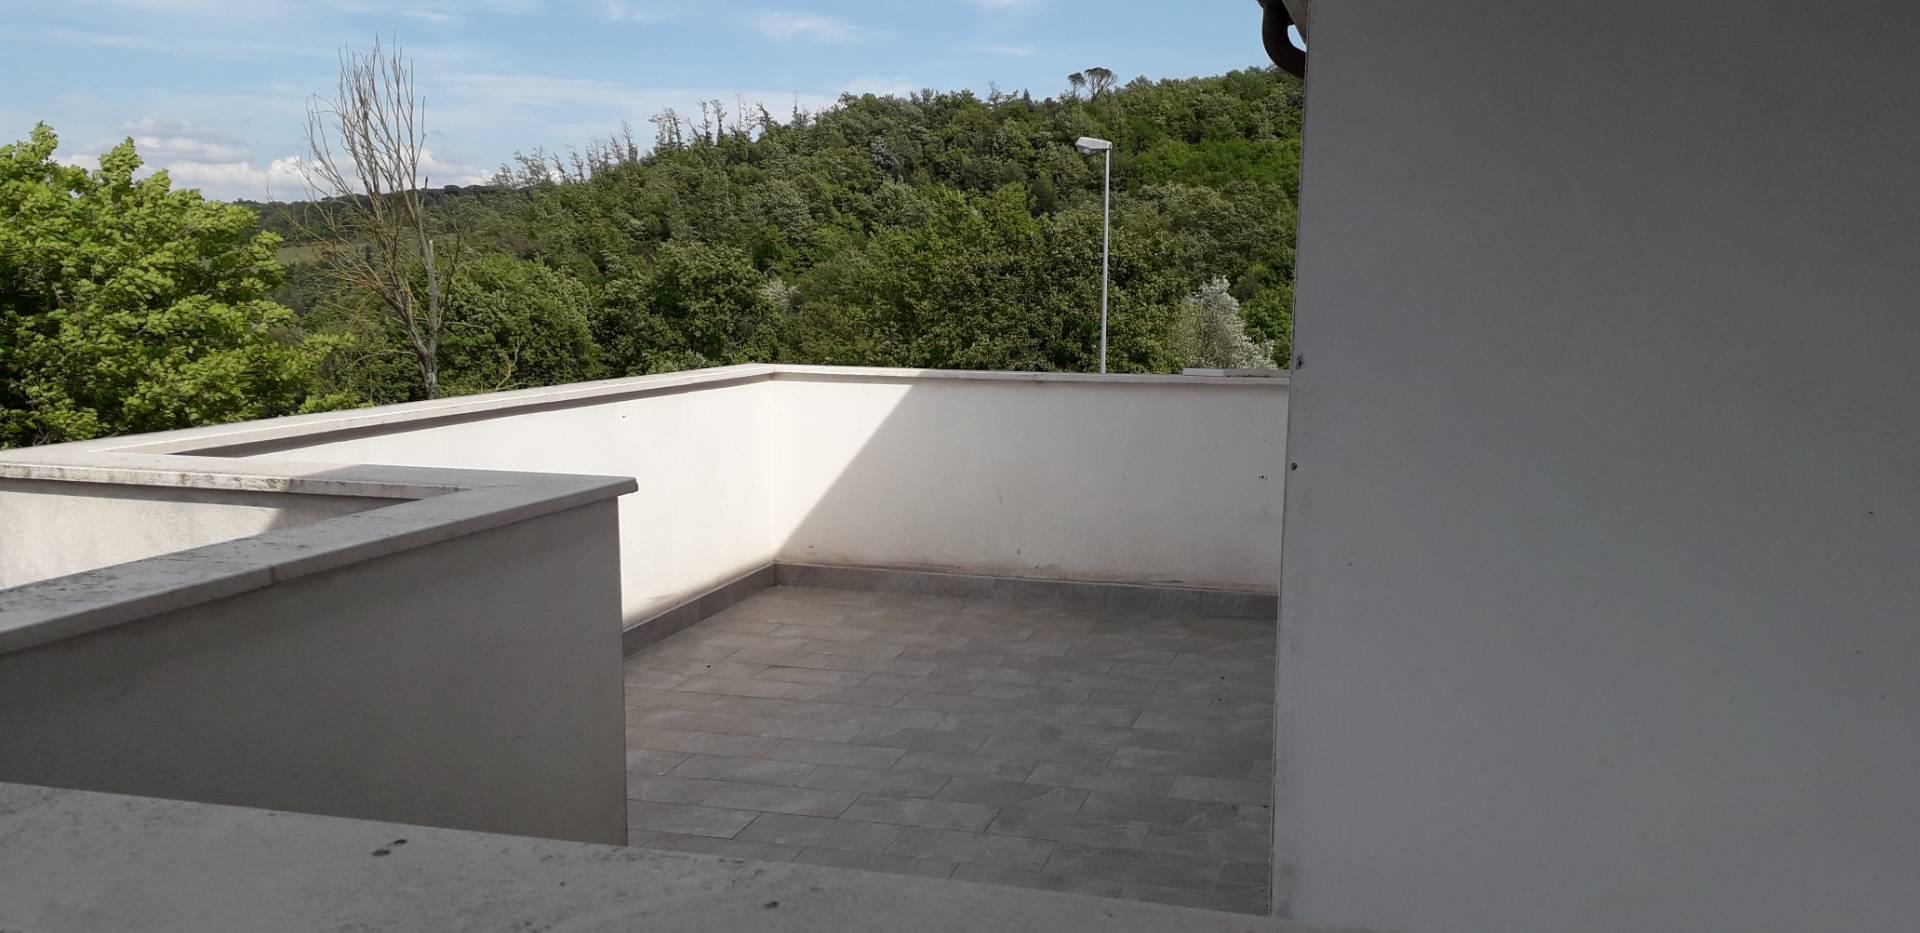 Appartamento in vendita a Montelupo Fiorentino, 4 locali, zona ioni, prezzo € 350.000 | PortaleAgenzieImmobiliari.it